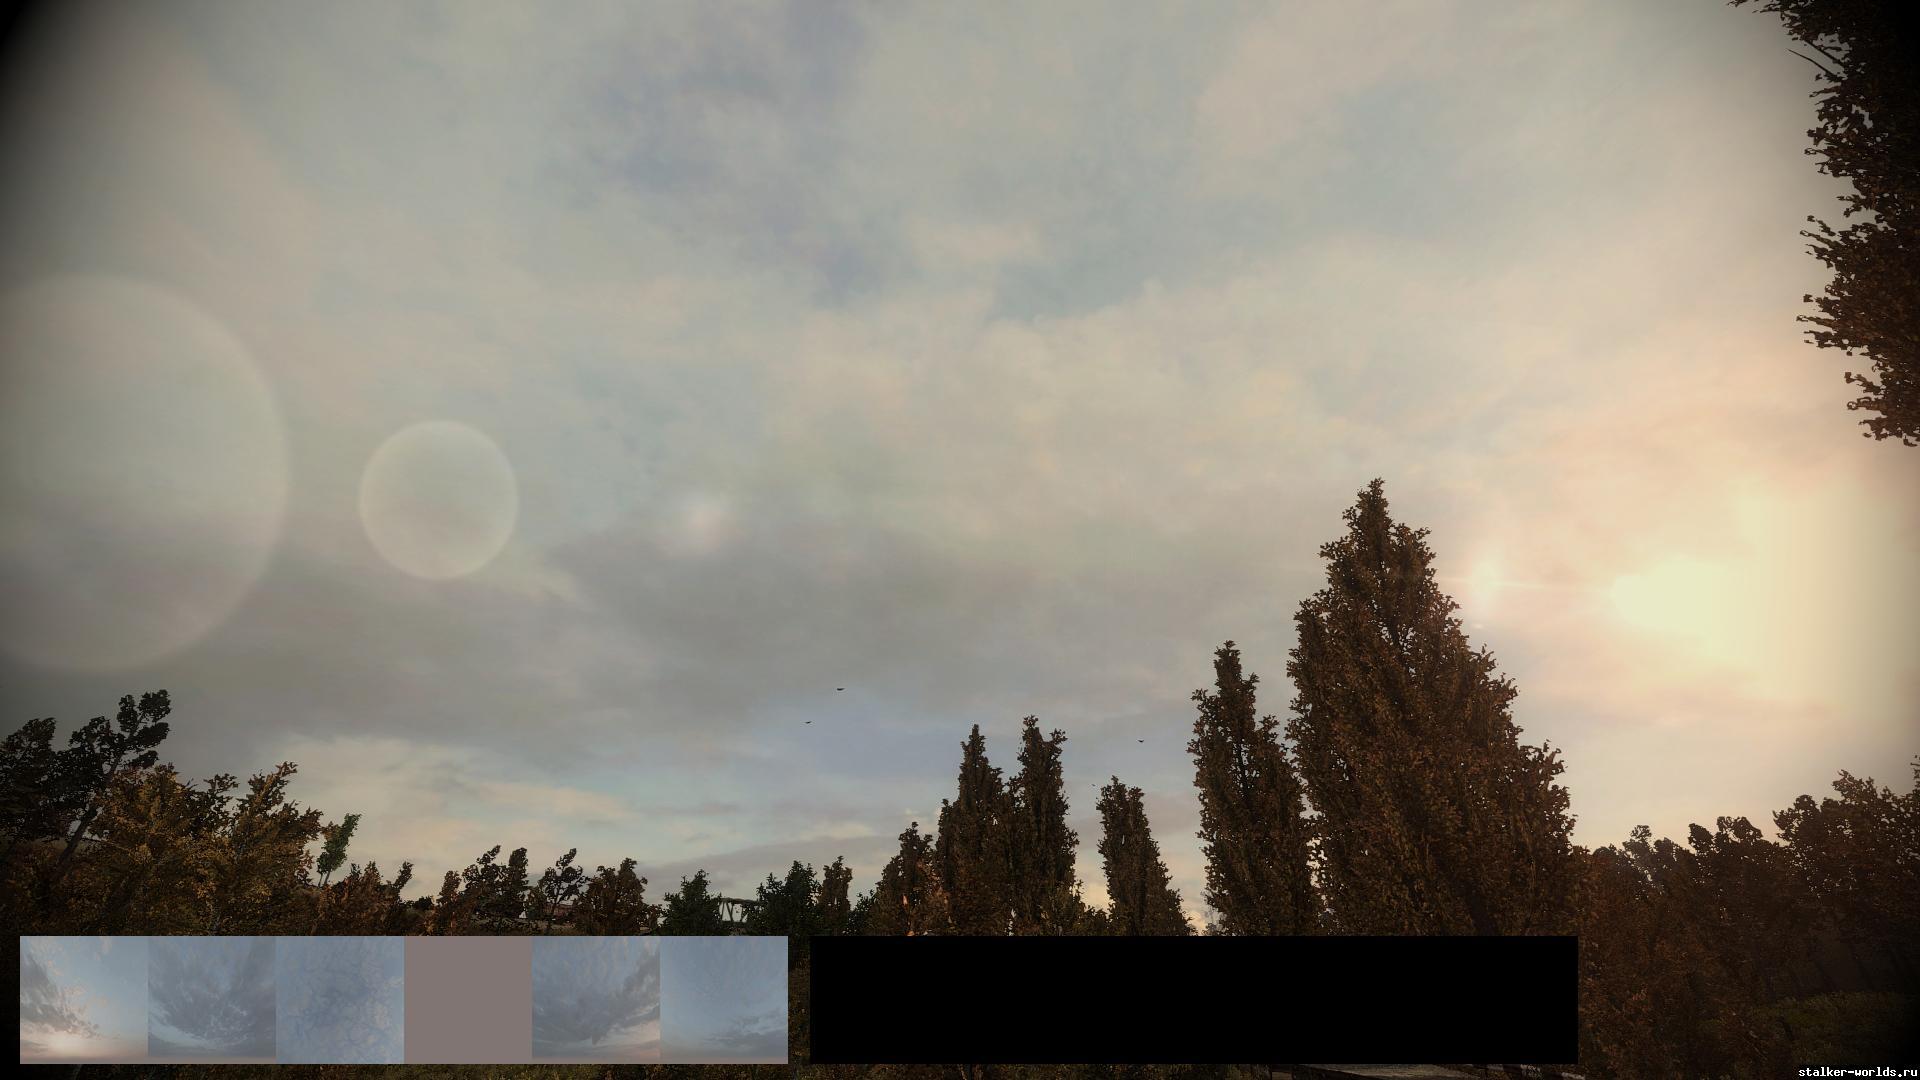 sw_1517131972__07-00_dxt5_skycube_a_blac